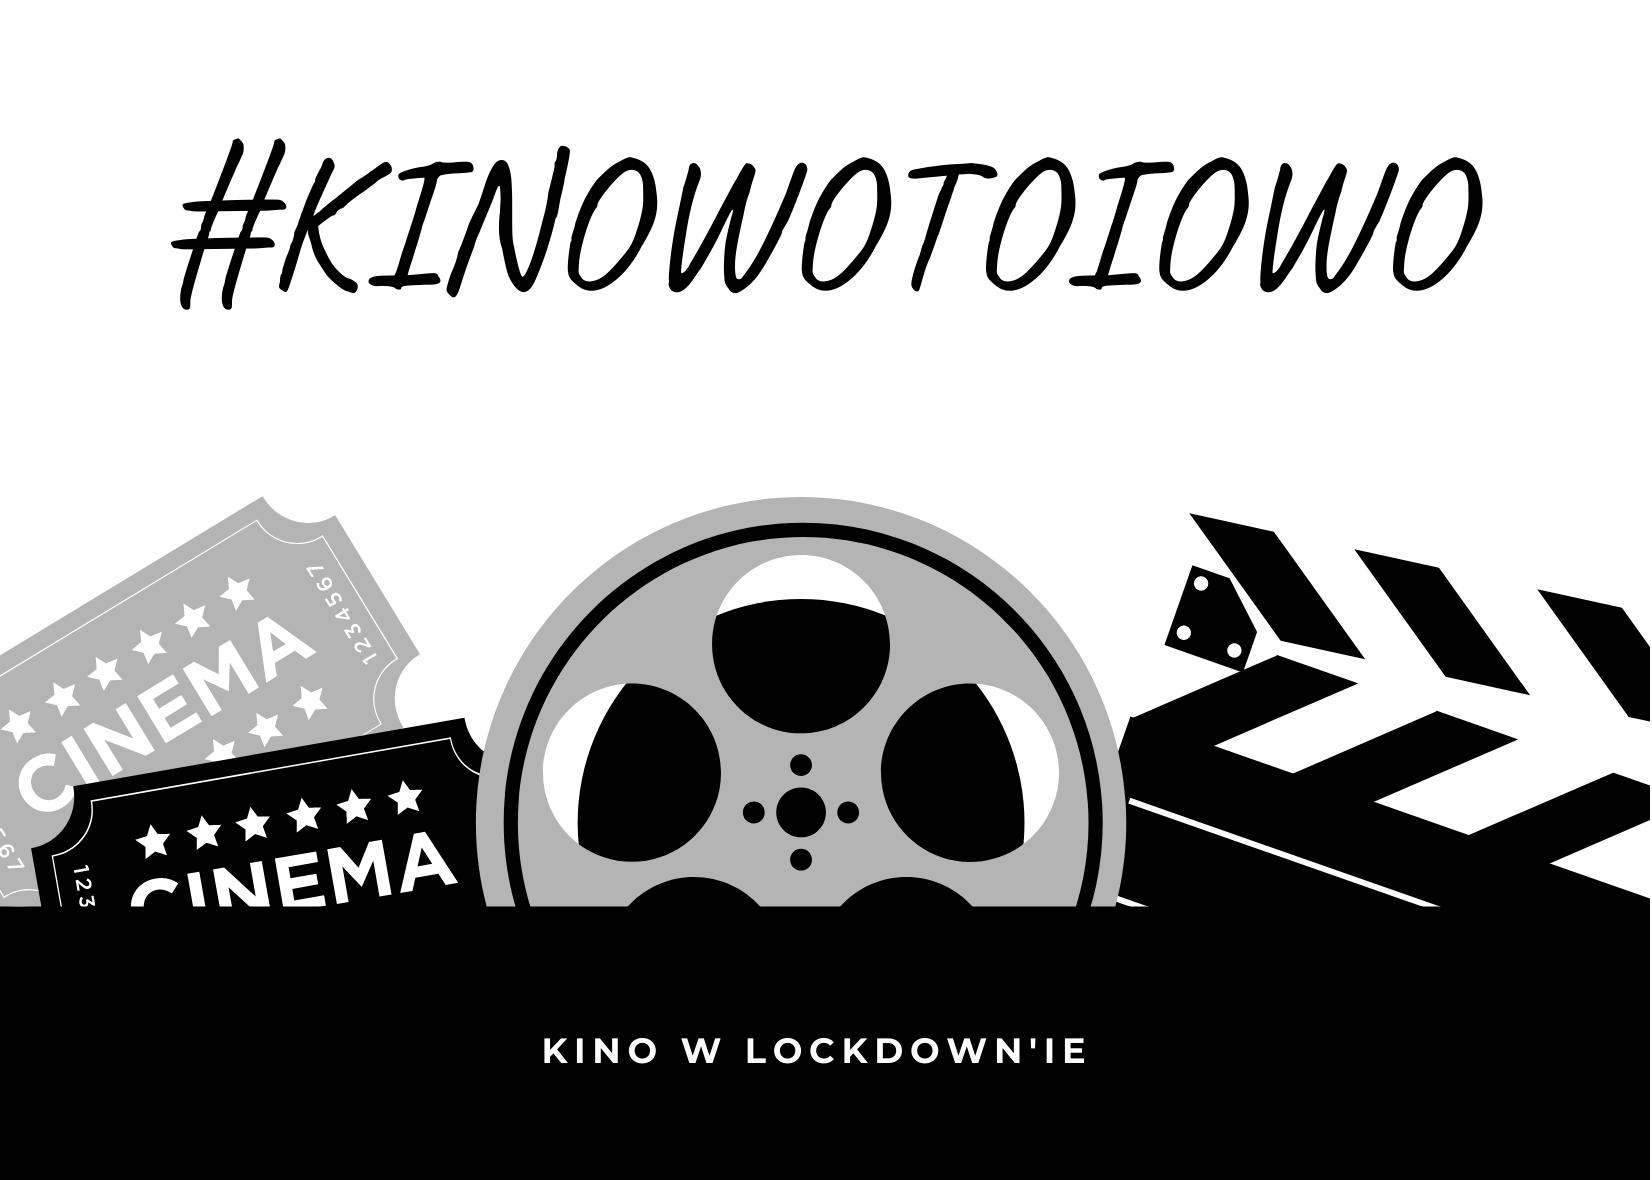 Nie taki on-line straszny #kinowotoiowo /Theremin w filmie